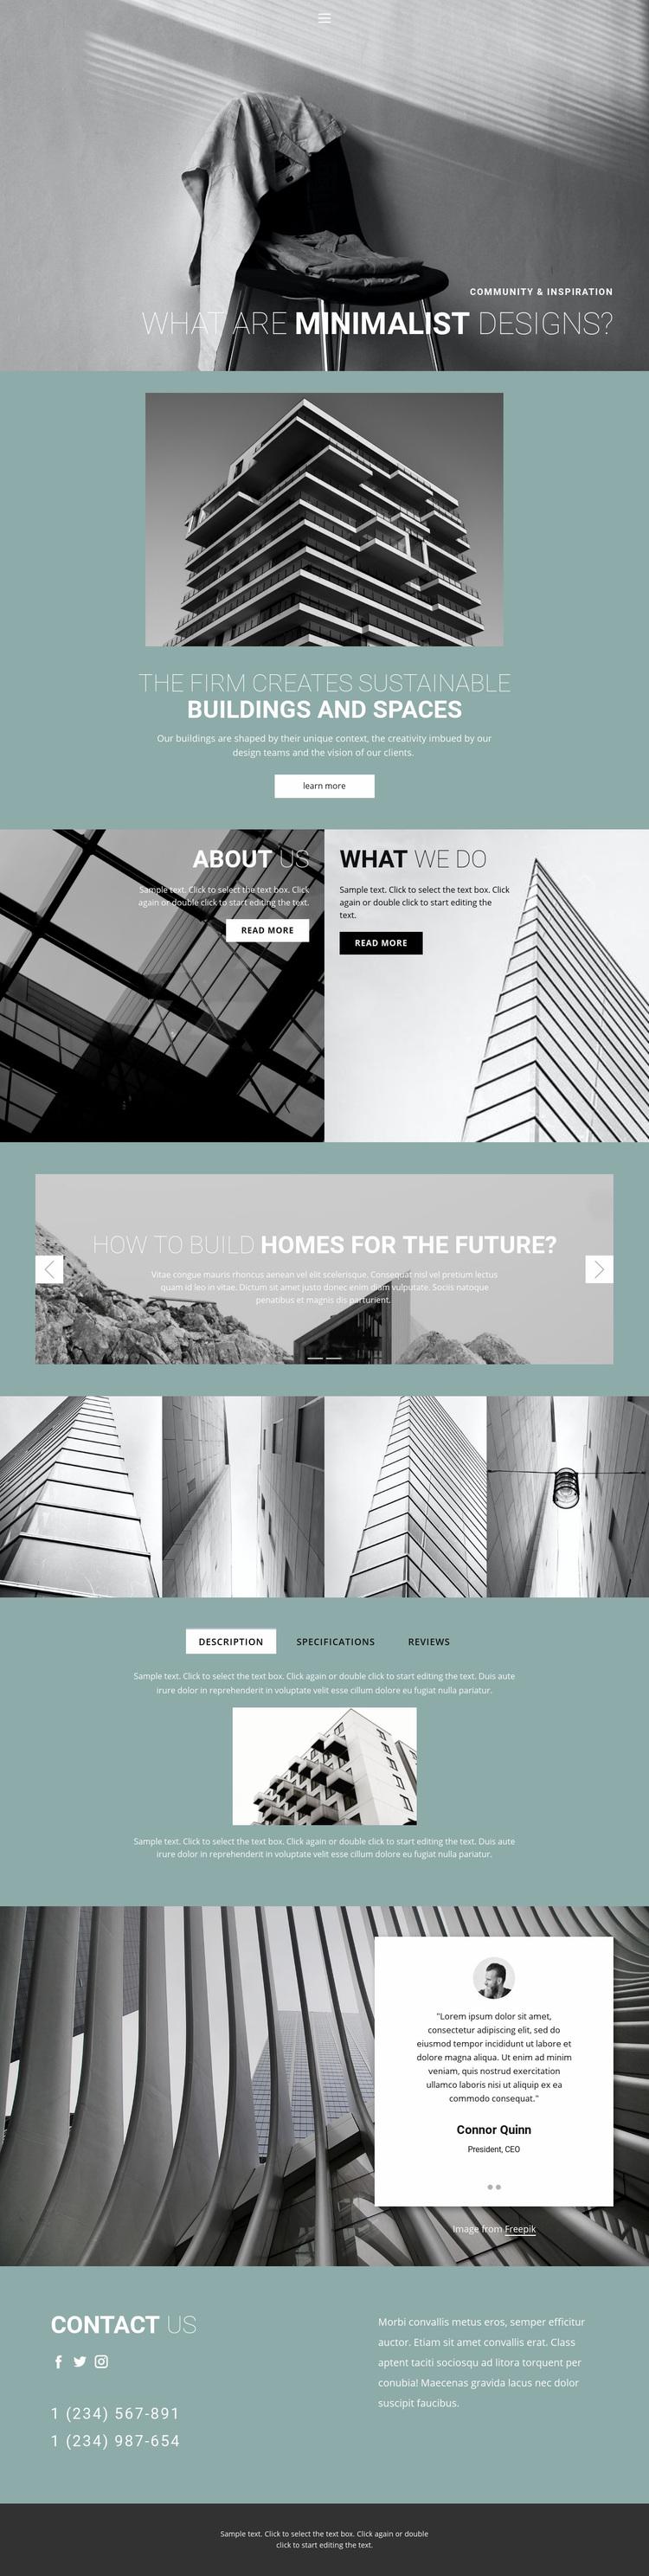 Perfect architecture ideas Web Page Designer